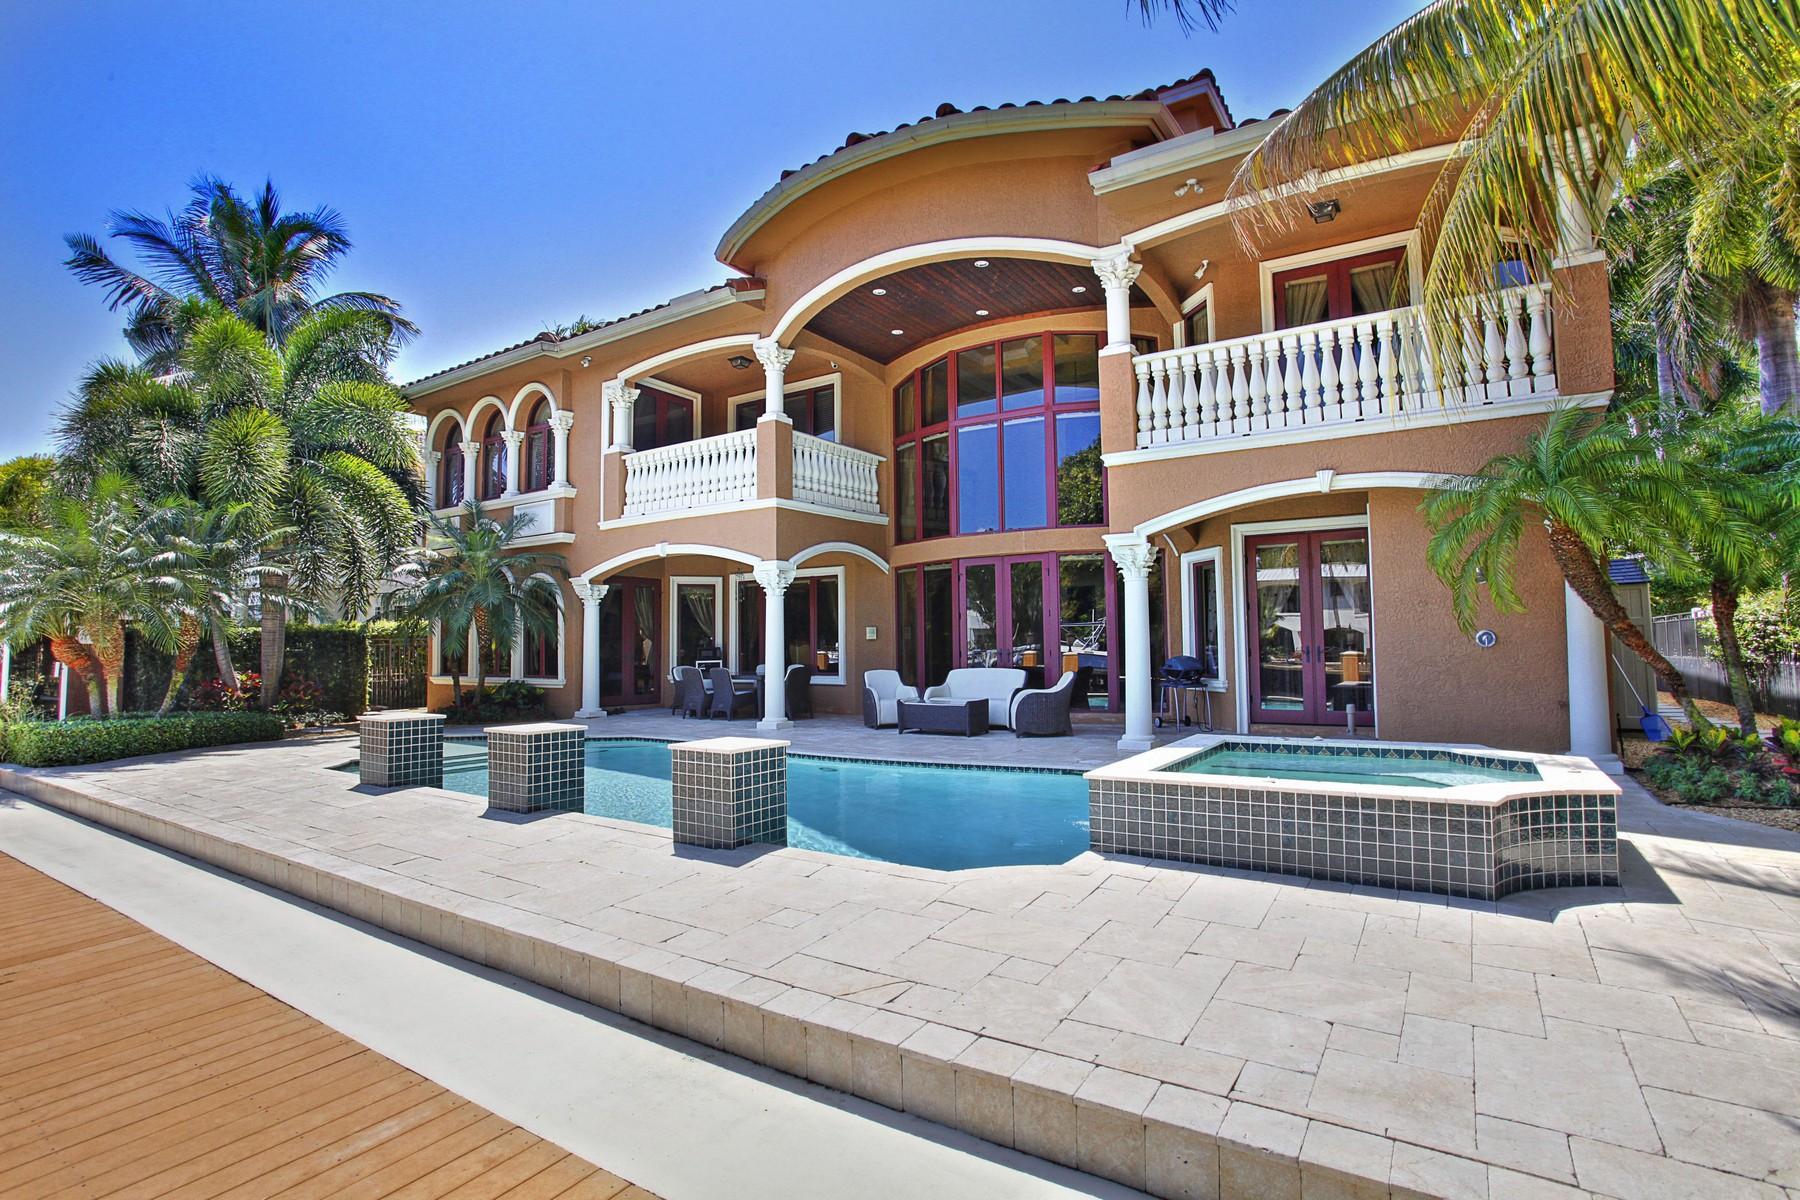 Einfamilienhaus für Verkauf beim 42 Fiesta Way Fort Lauderdale, Florida, 33301 Vereinigte Staaten